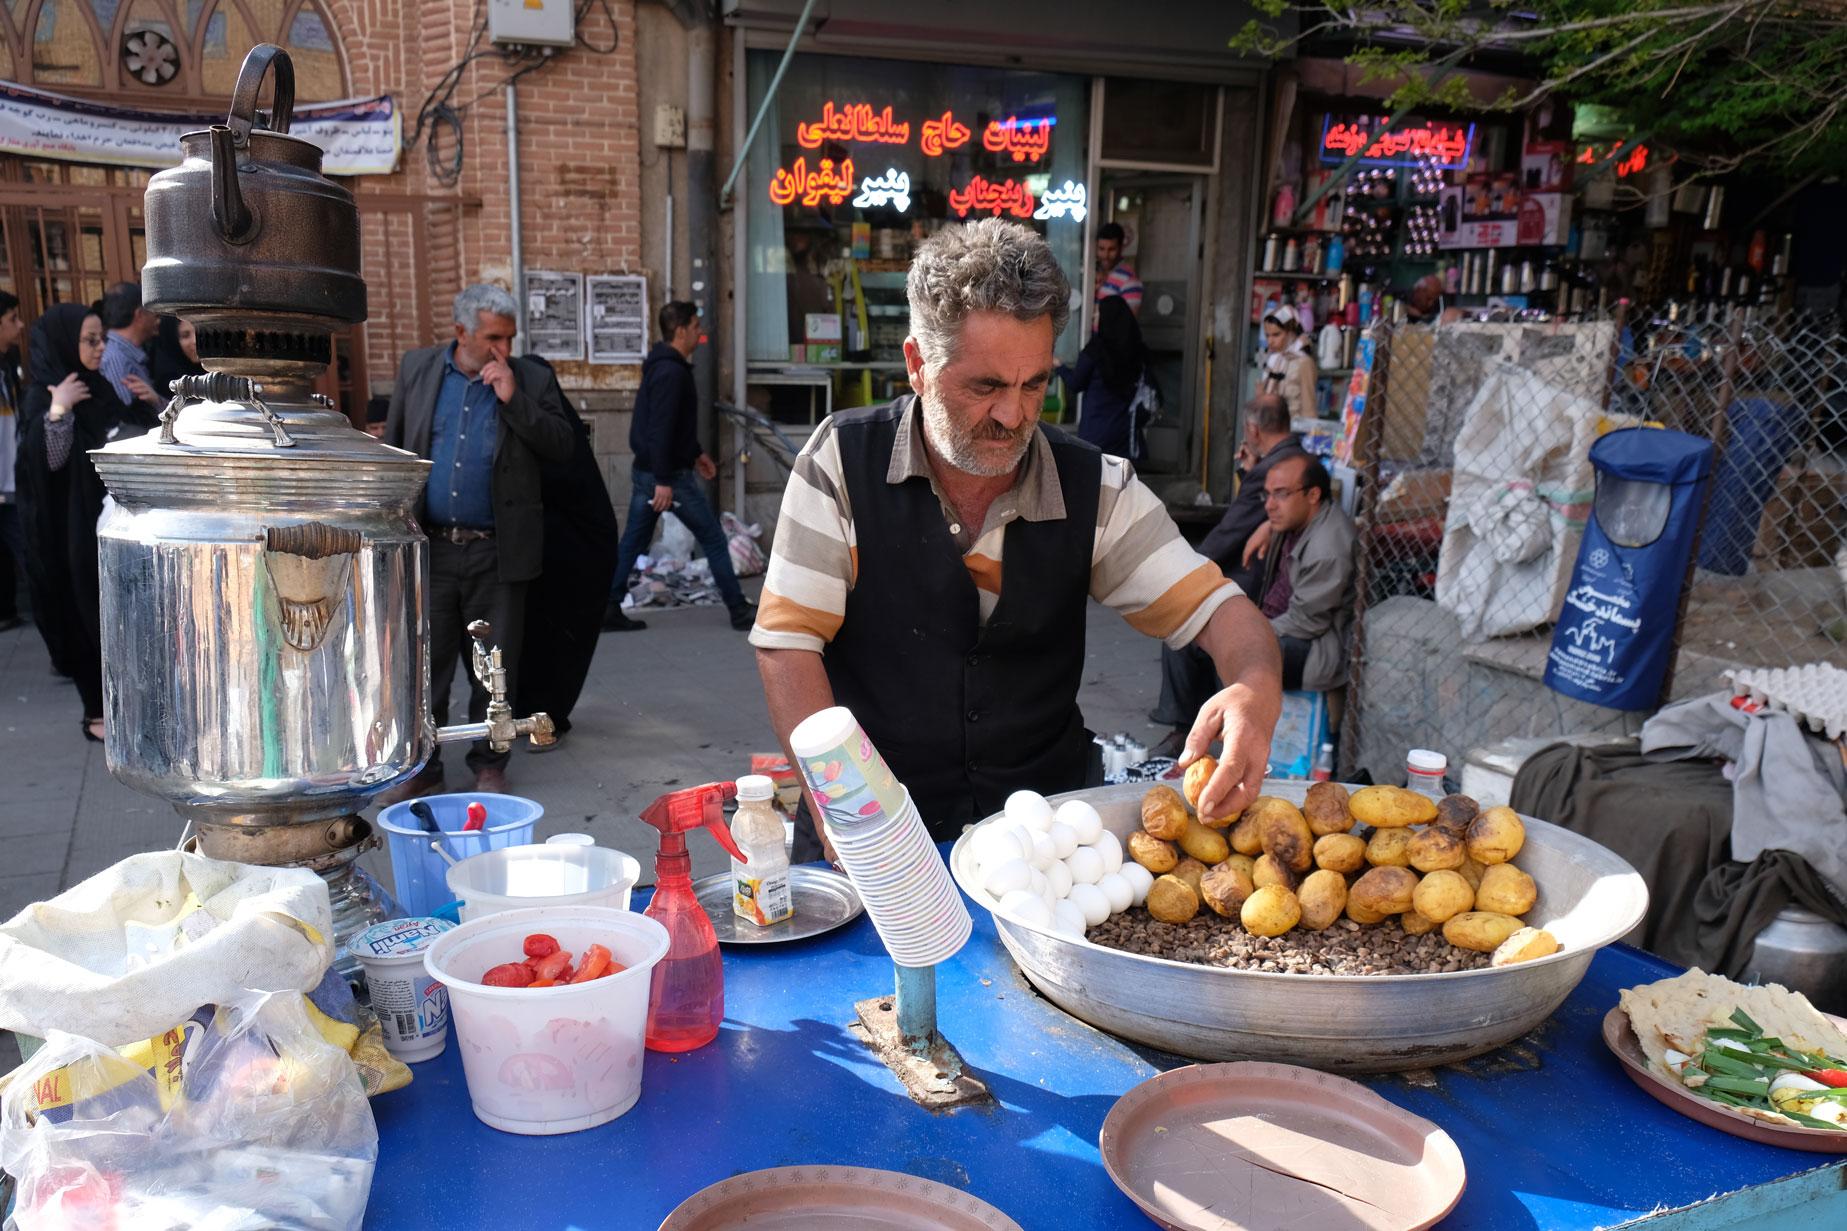 Kartoffeln gibt's am Straßenstand zu kaufen